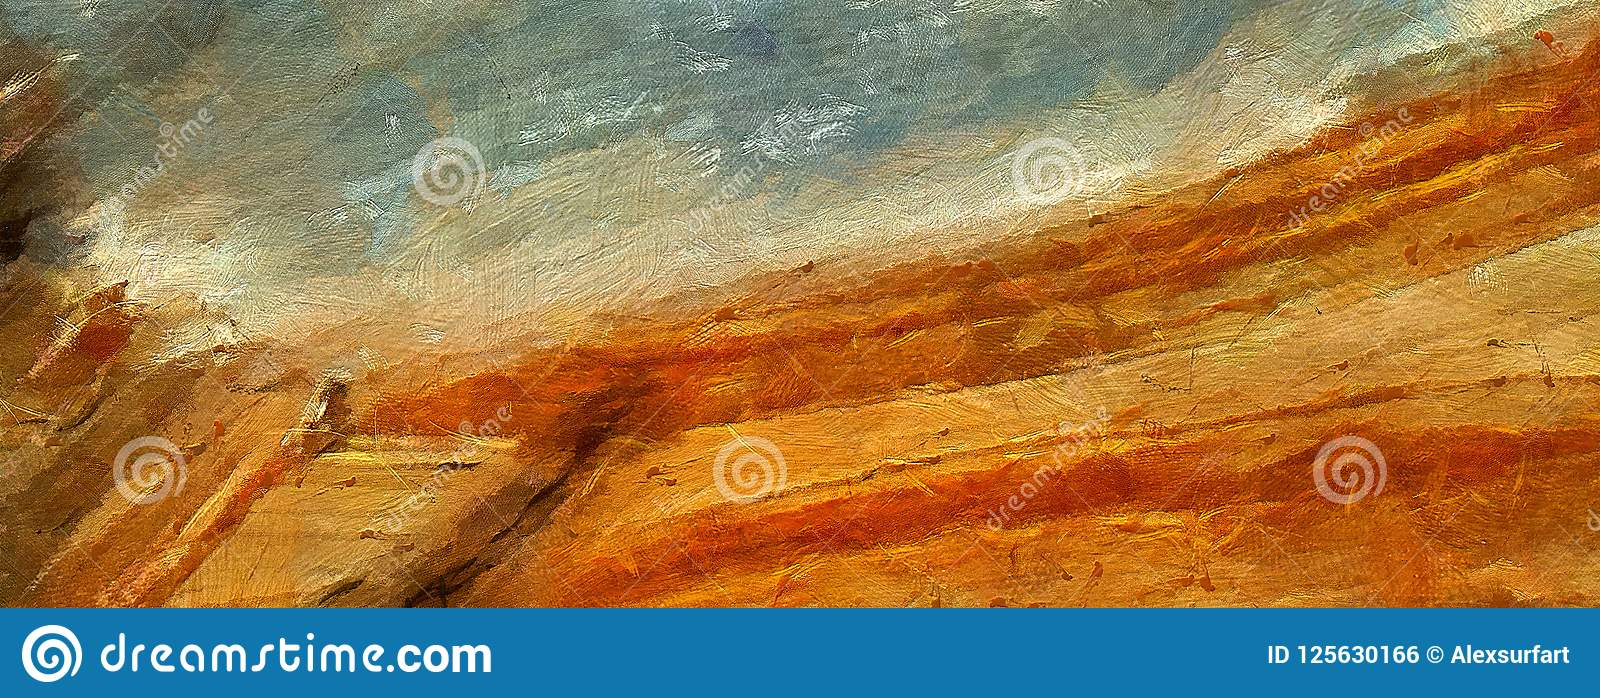 Arte astratta di struttura dell impressione Bacground luminoso artistico azione Materiale illustrativo della pittura a olio Carta